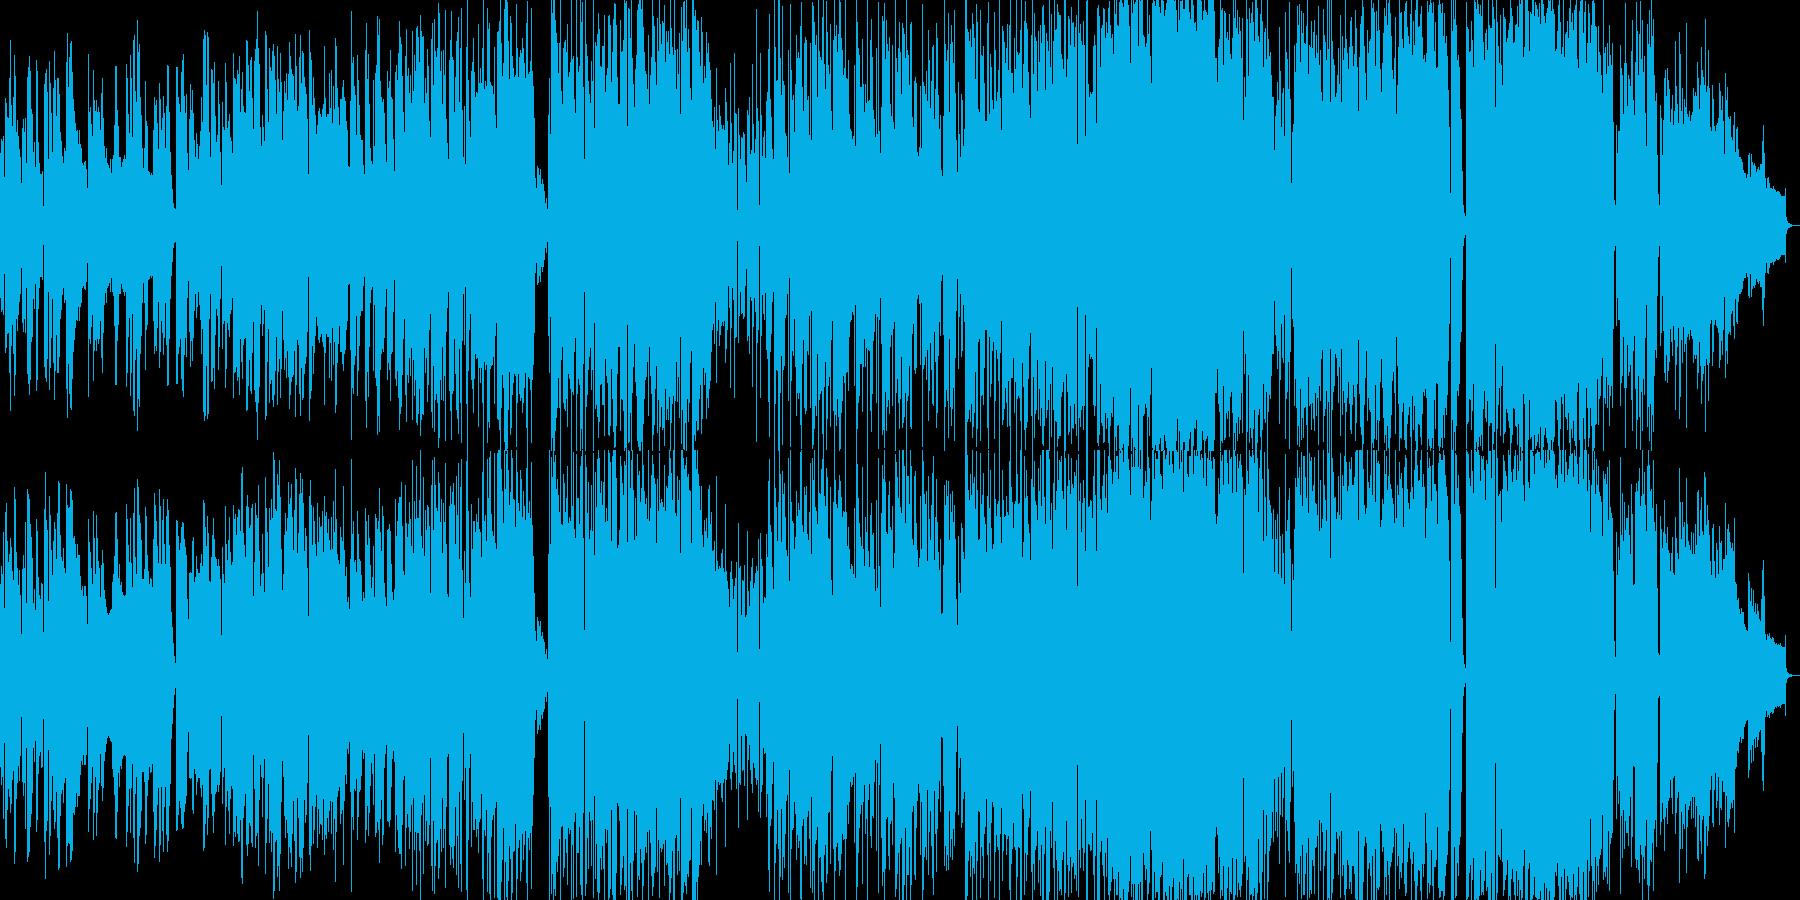 サックス旋律の大人なラウンジミュージックの再生済みの波形